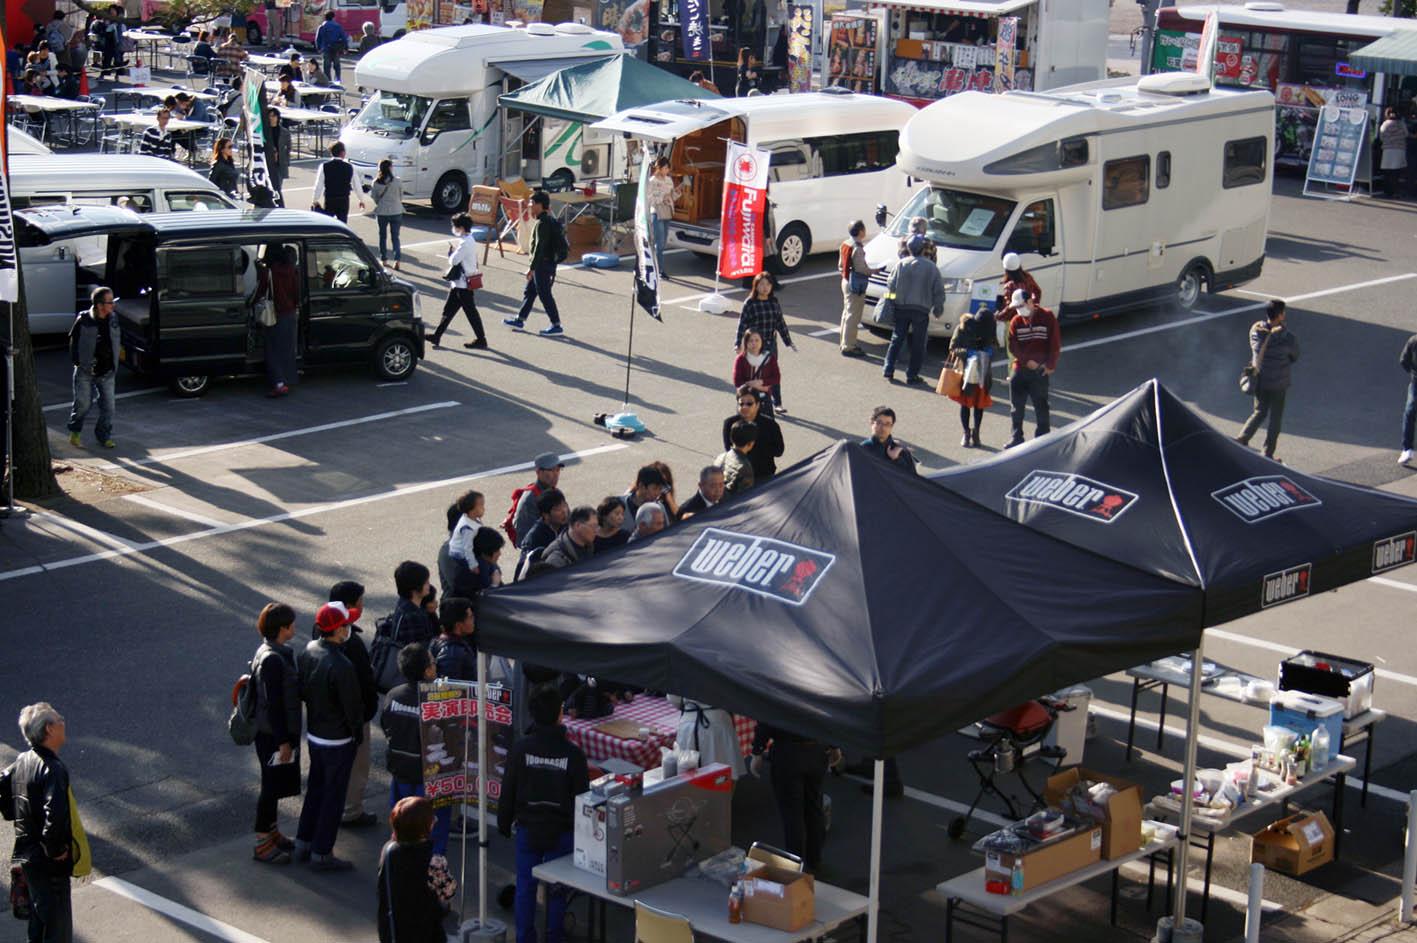 福岡キャンピングカーショー 屋外